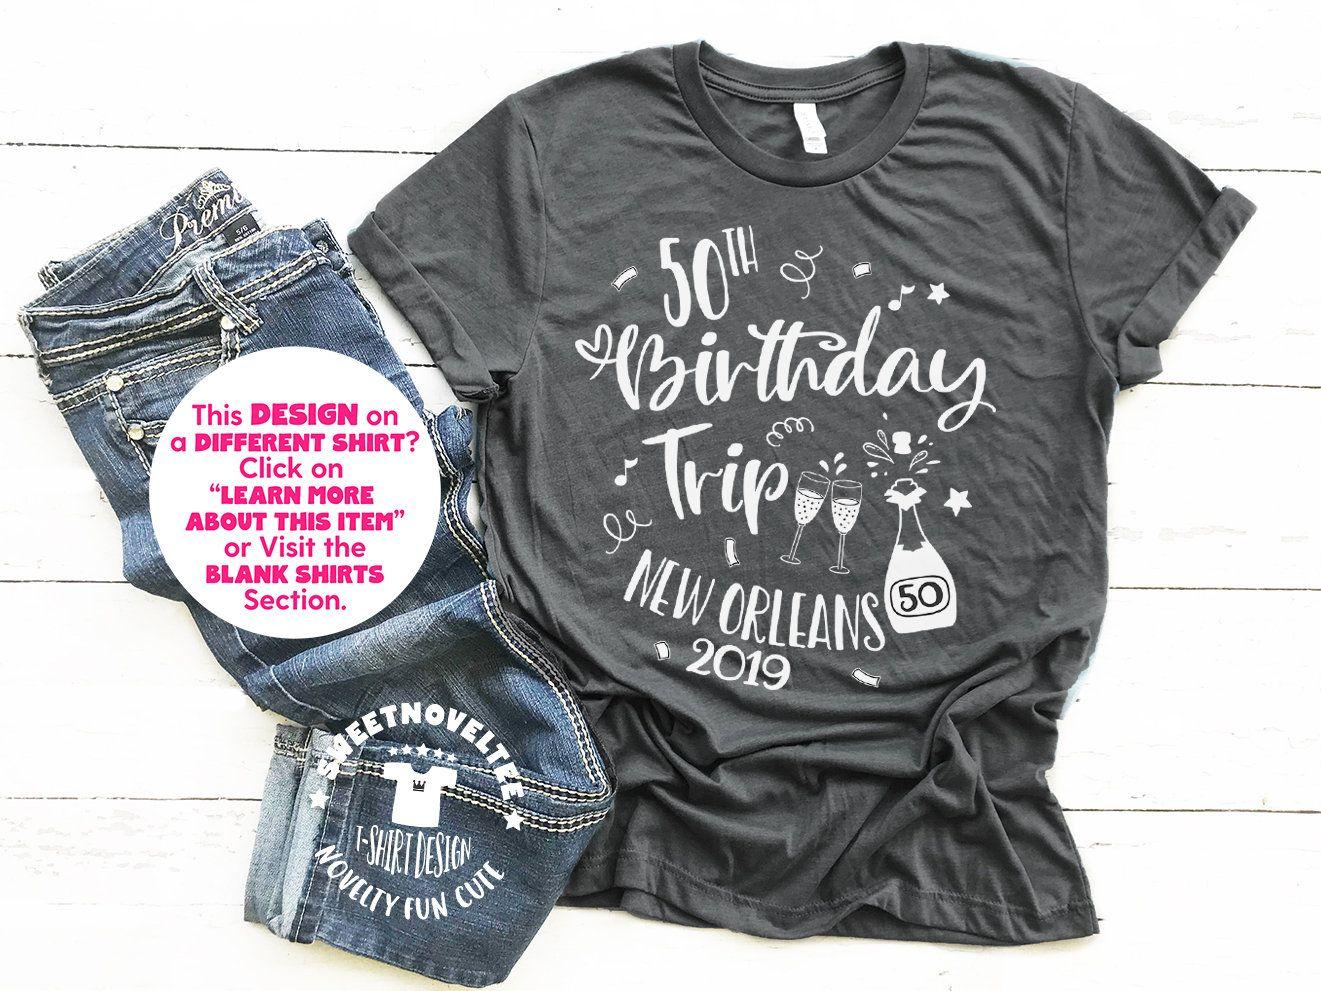 50th Birthday New Orleans Trip 2020 TShirt, 30 40 50 60